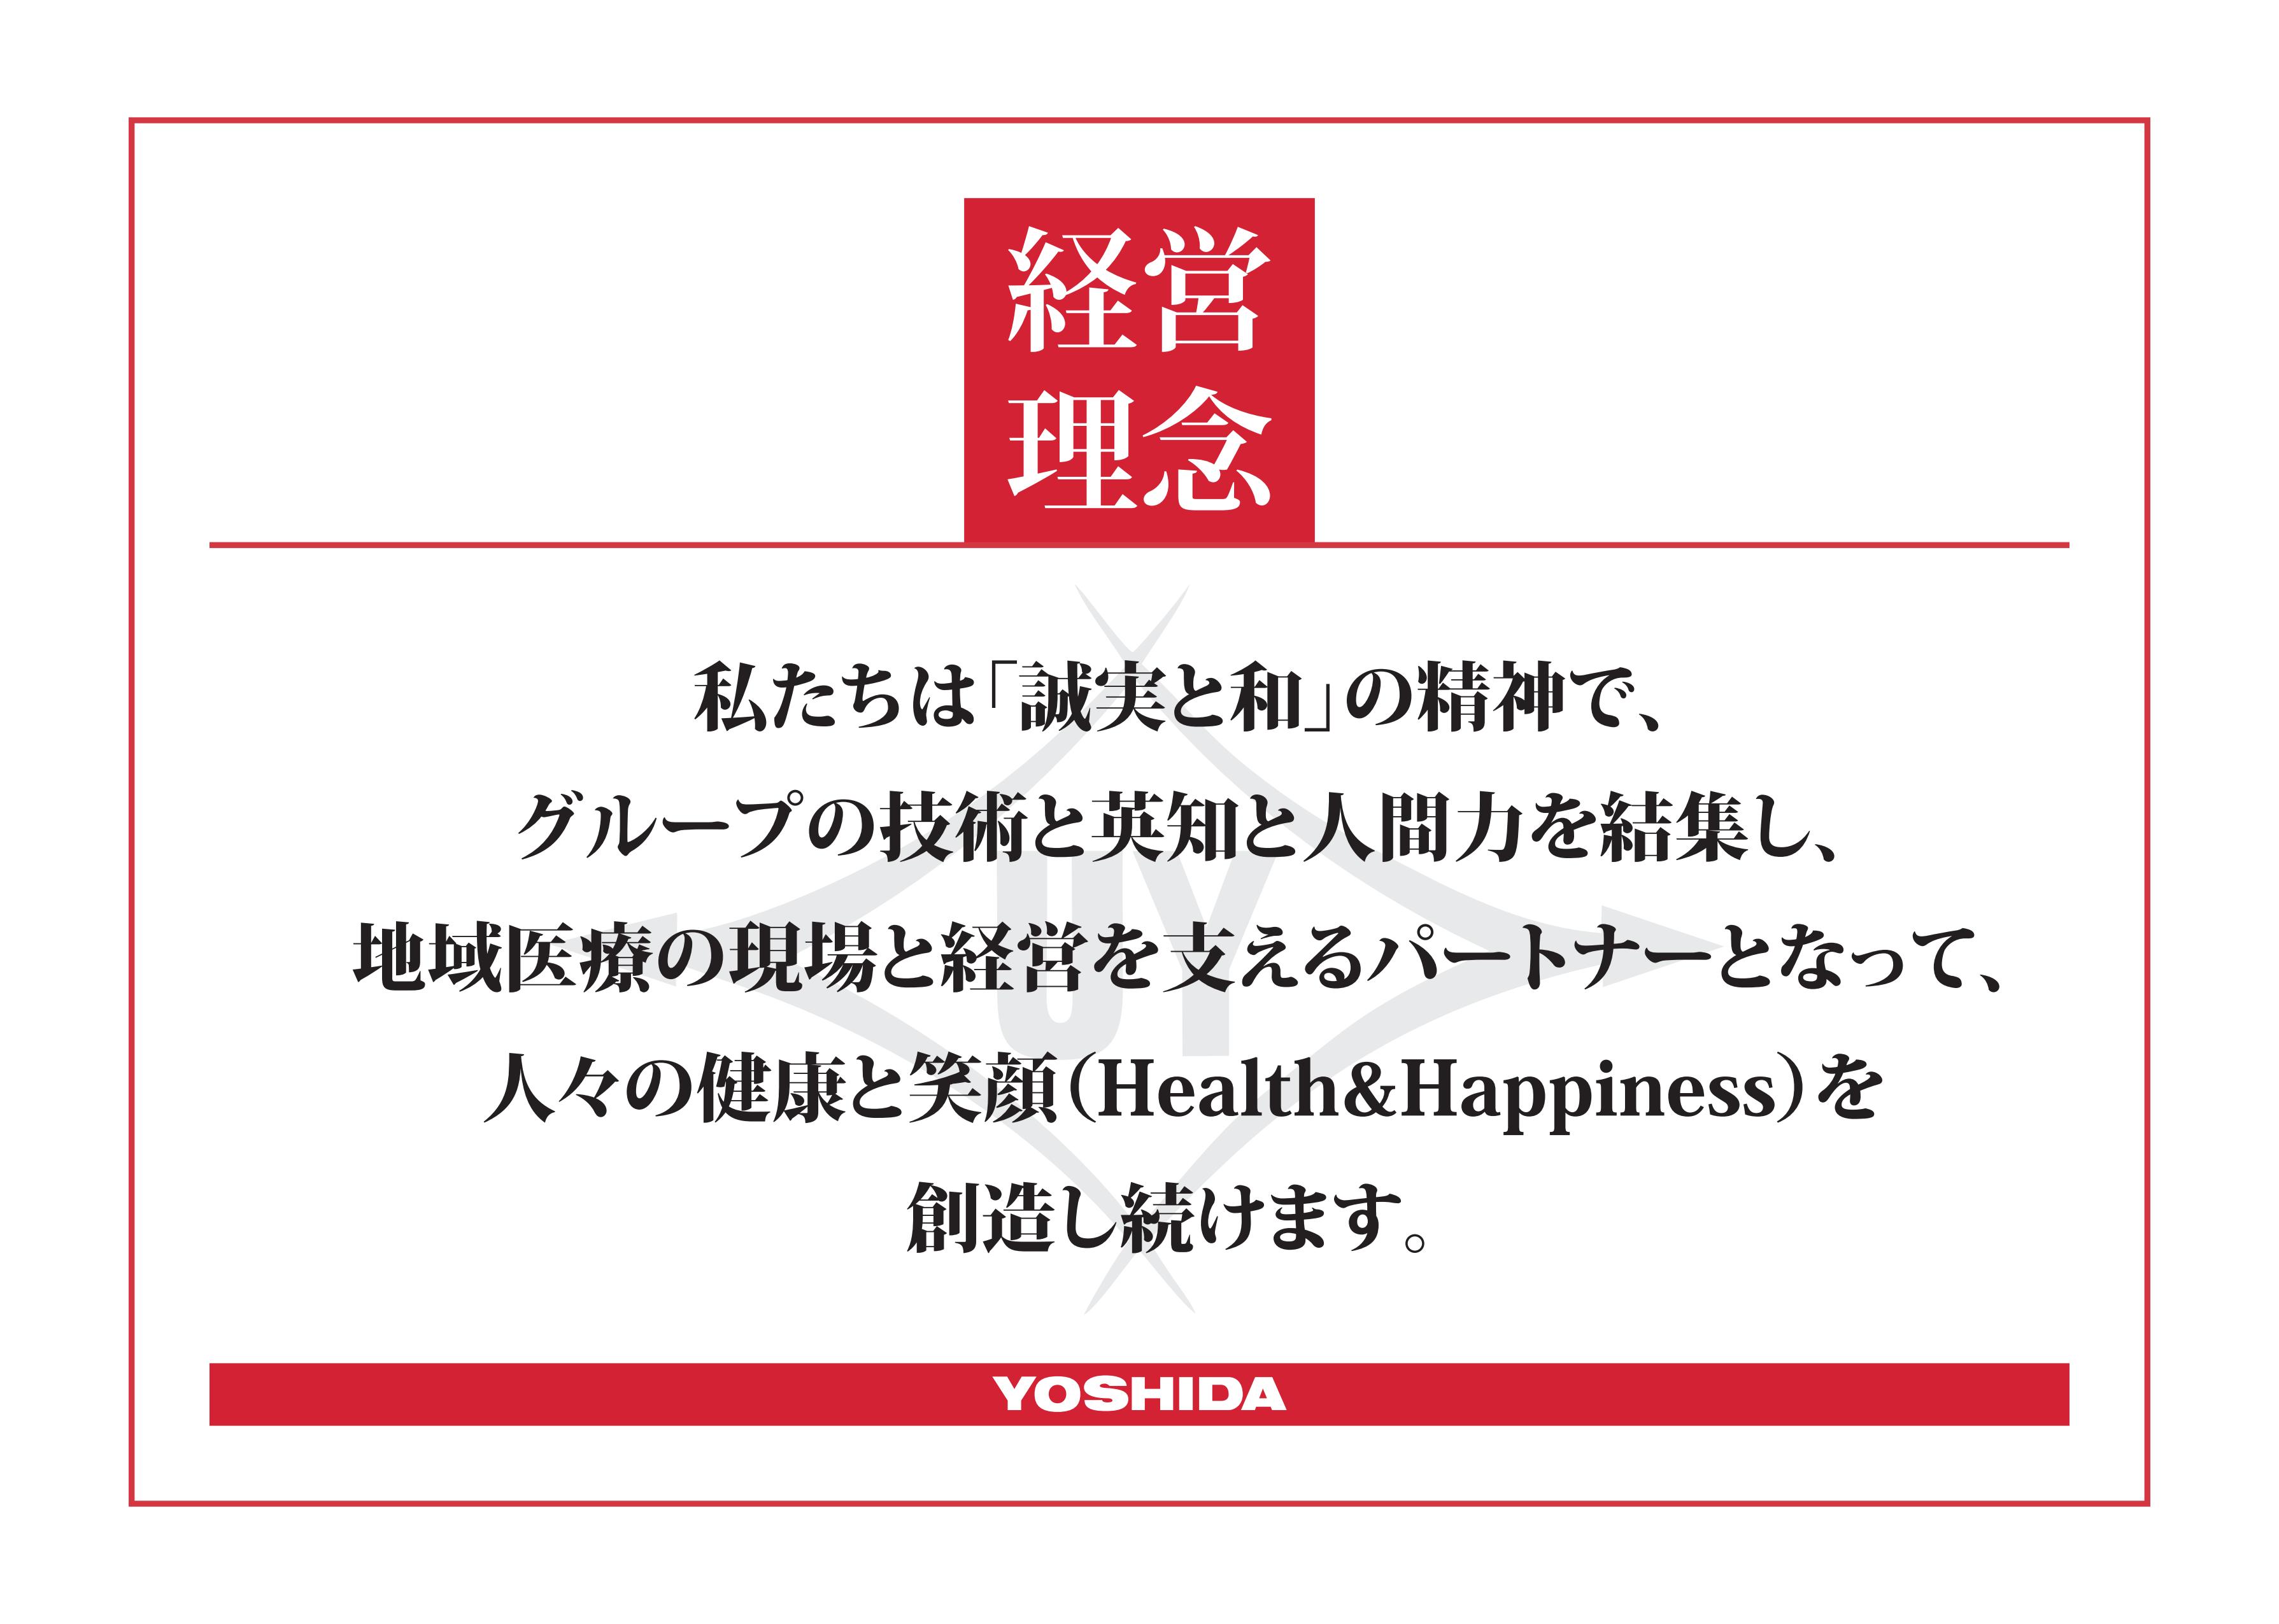 吉田精工の経営理念